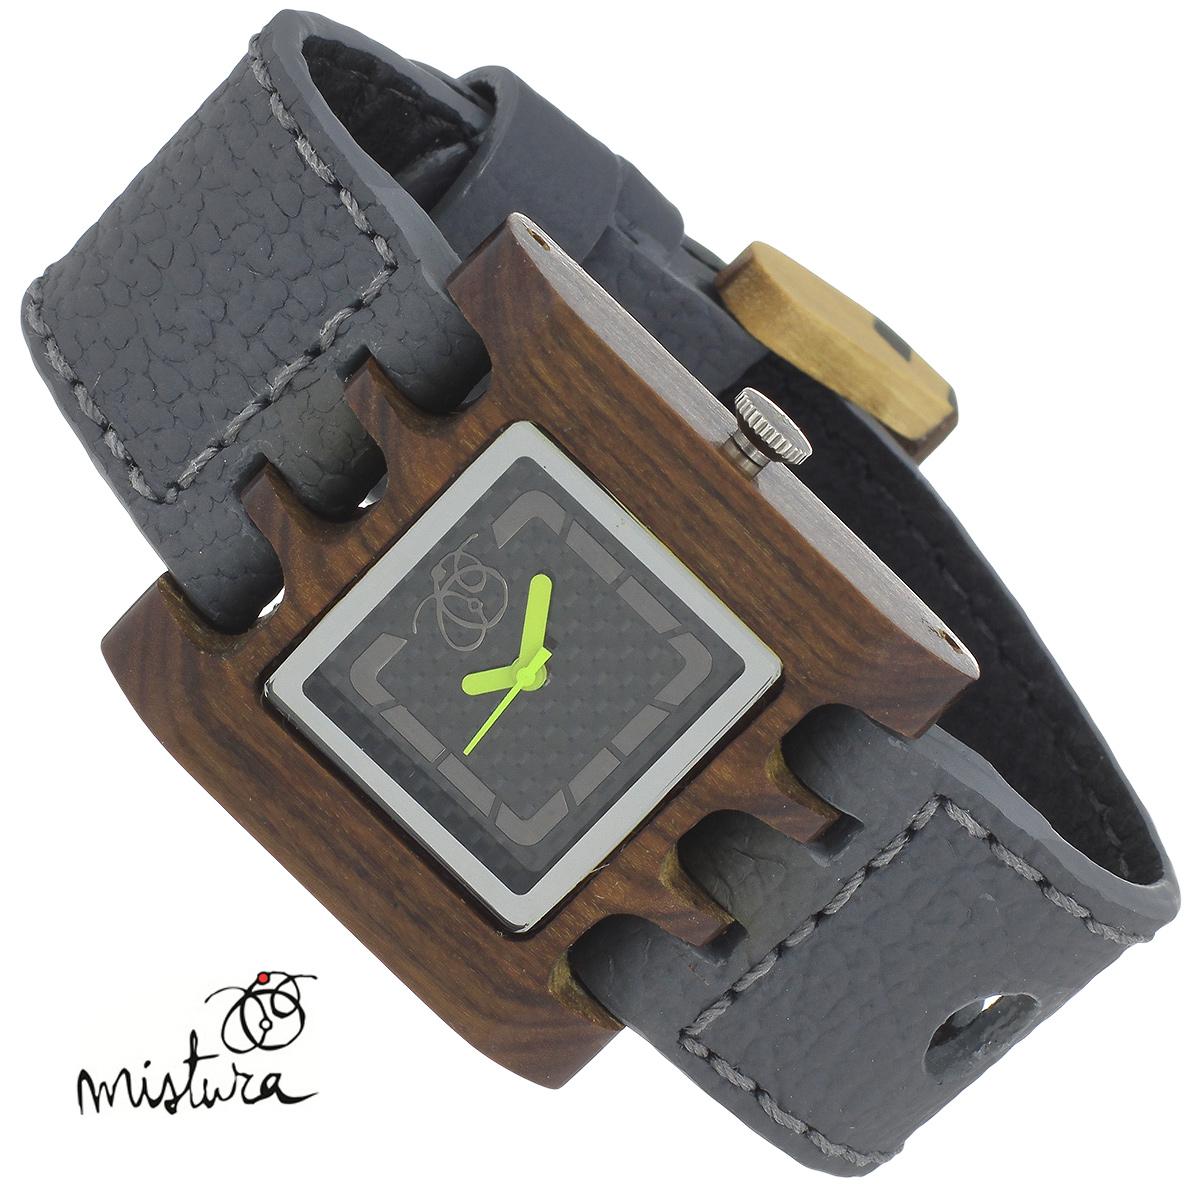 Часы наручные Mistura Quadrato, цвет: серый. TP09009GYPUCFWDTP09009GYPUCFWDxНаручные часы Mistura благодаря своему эксклюзивному дизайну позволят вам выделиться из толпы и подчеркнуть свою индивидуальность. Для изготовления корпуса часов используется древесина тропических лесов Колумбии с применением индивидуальных методов ее обработки. Дизайн выполняется вручную. Часы оснащены японским кварцевым механизмом MIYOTA. Ремешок из натуральной кожи с фактурной поверхностью оформлен декоративной отстрочкой, застегивается на классическую застежку с деревянным язычком. Корпус часов изготовлен из дерева. Циферблат оформлен металлическими накладками и защищен минеральным стеклом. Часы имеют функцию защиты от брызг. Изделие упаковано в фирменную коробку с логотипом компании Mistura. Часы марки Mistura идеально подходят молодым и уверенным в себе людям, ценящим качество, практичность и индивидуальность в каждой детали. Каждая модель оснащена оригинальным дизайнерским корпусом, а также ремешком из натуральной кожи, который можно заменить по...